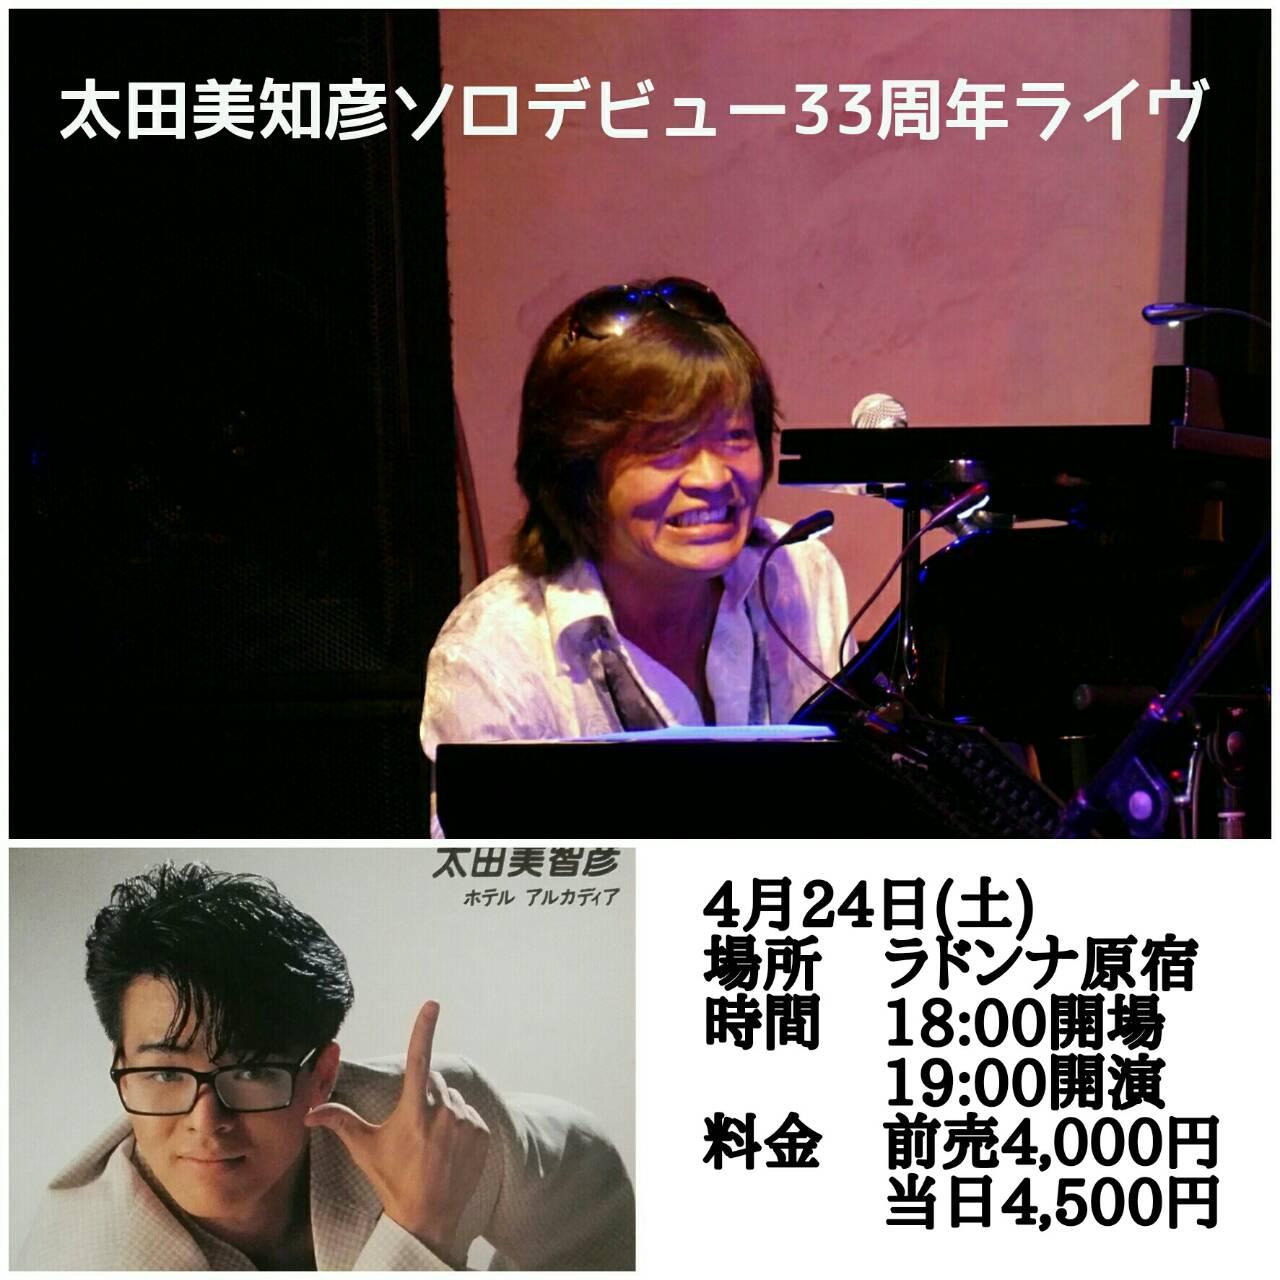 太田美知彦ソロデビュー33周年ライヴ